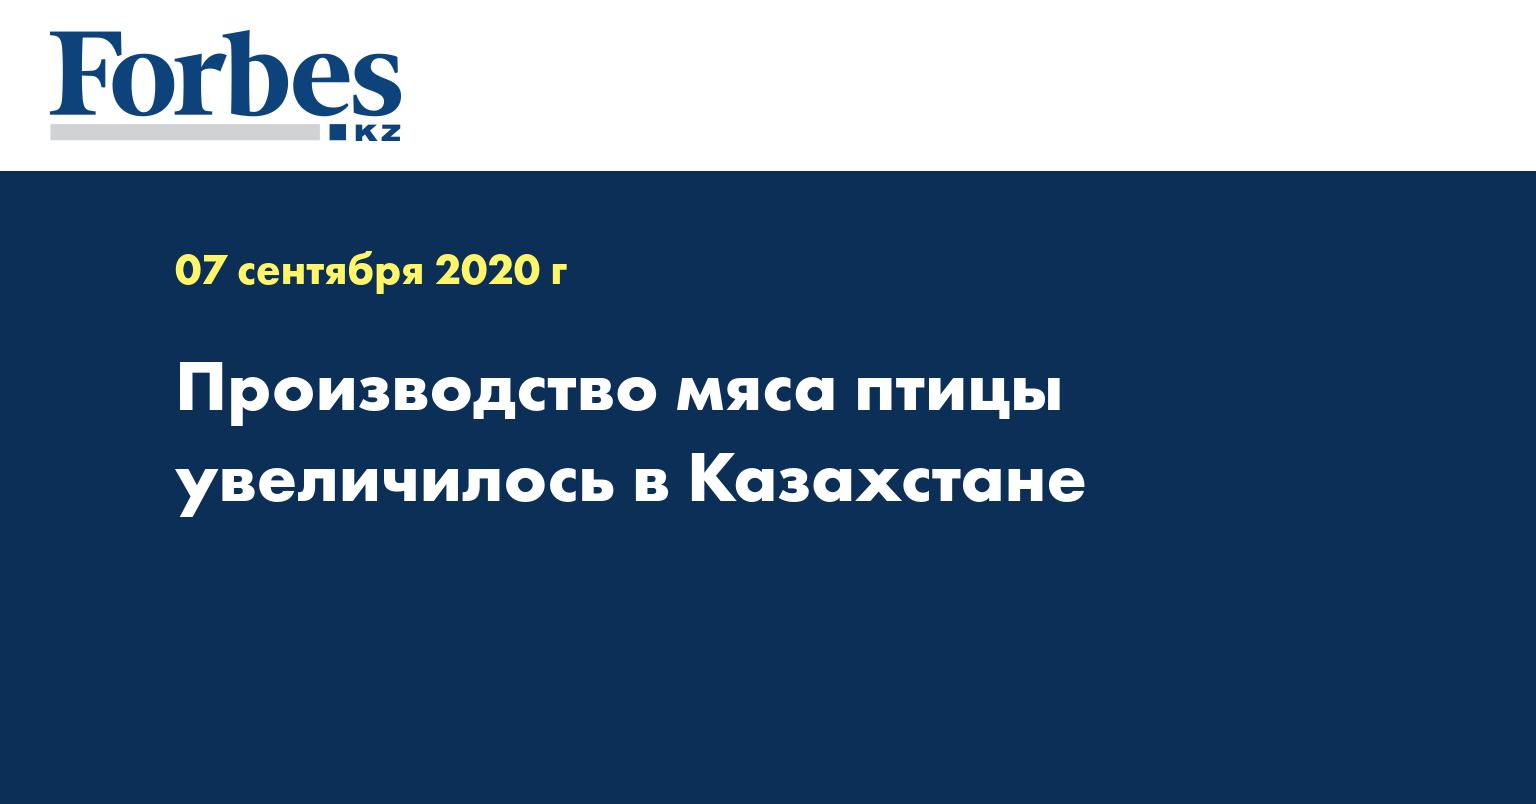 Производство мяса птицы увеличилось в Казахстане